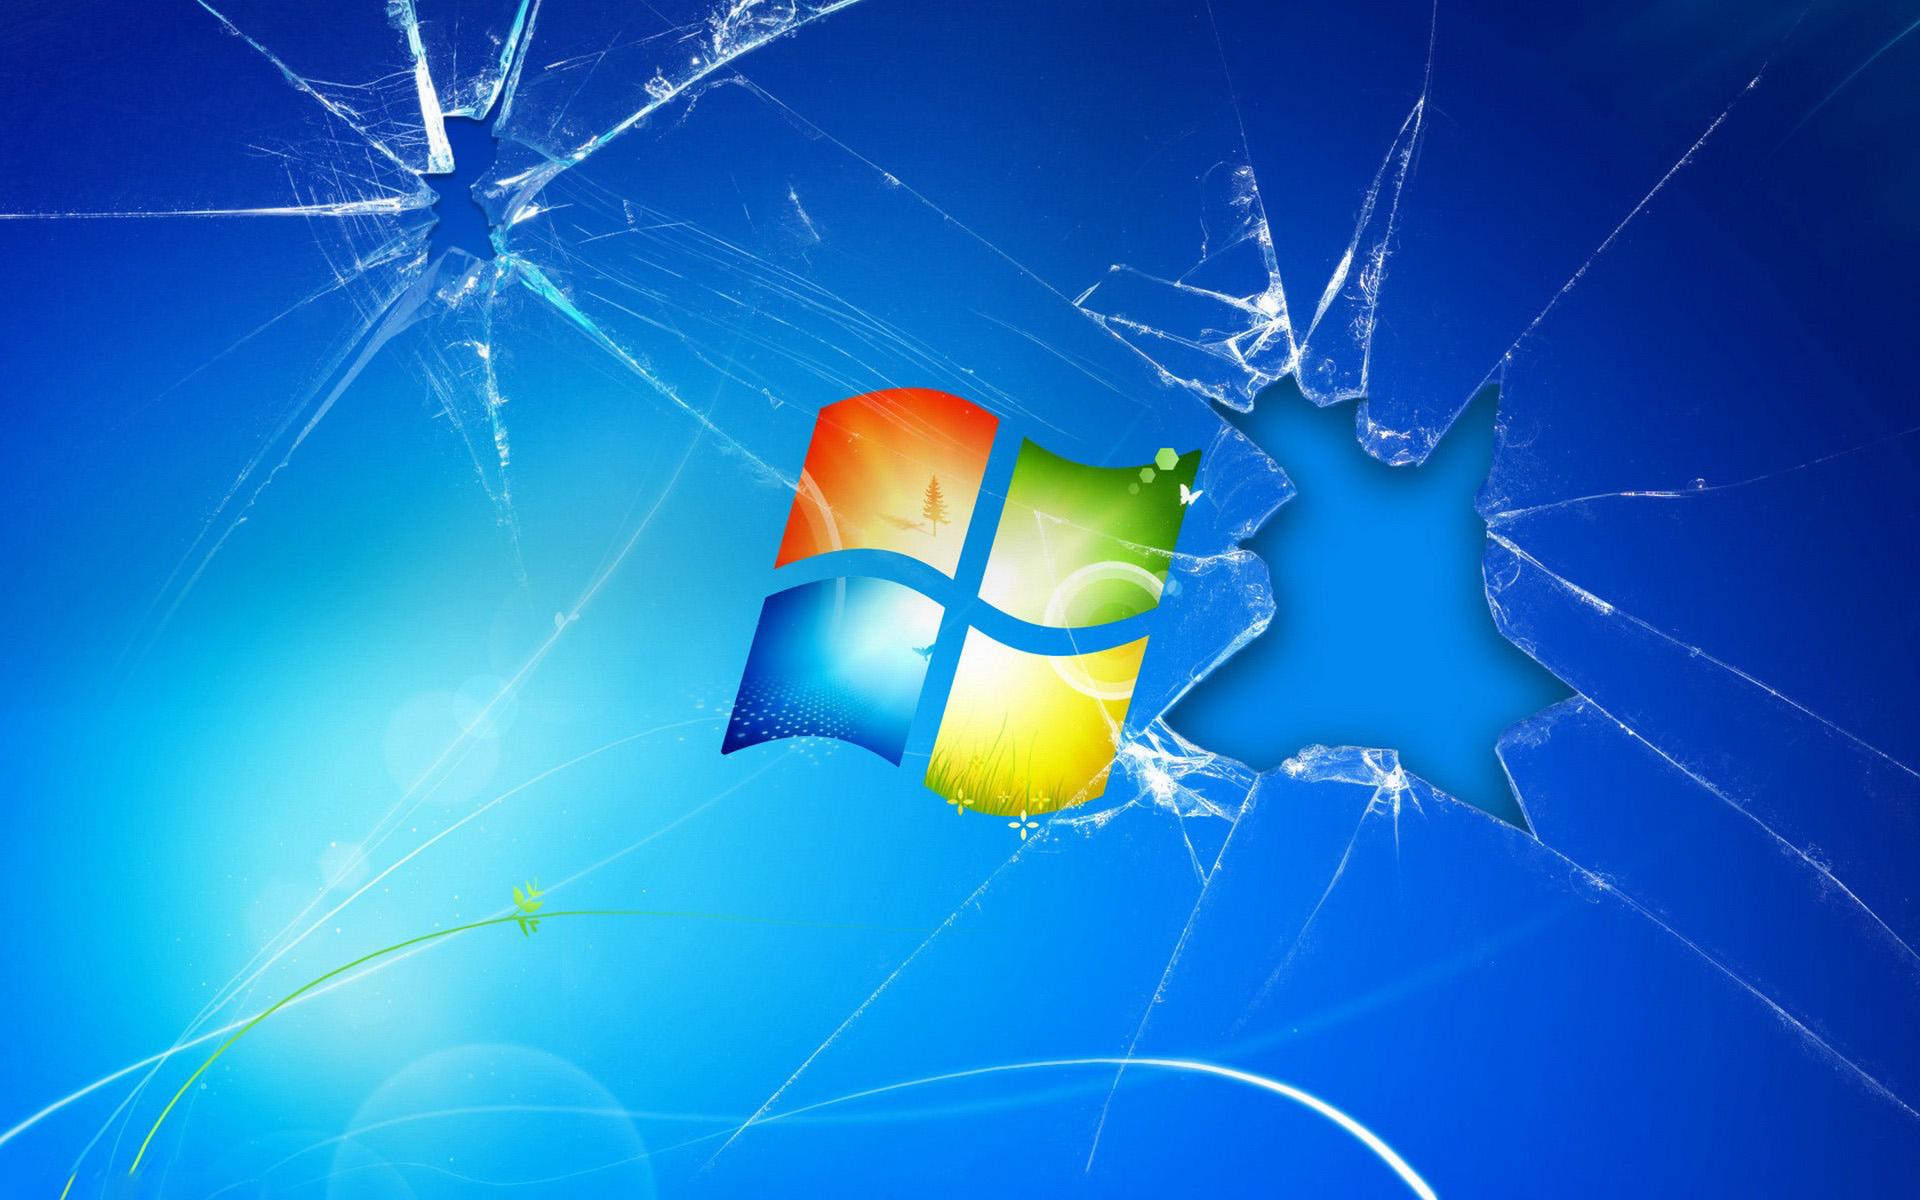 windows7主题下载桌面壁纸背景 壁纸下载 - 精品桌面壁纸分享平台 壁图片